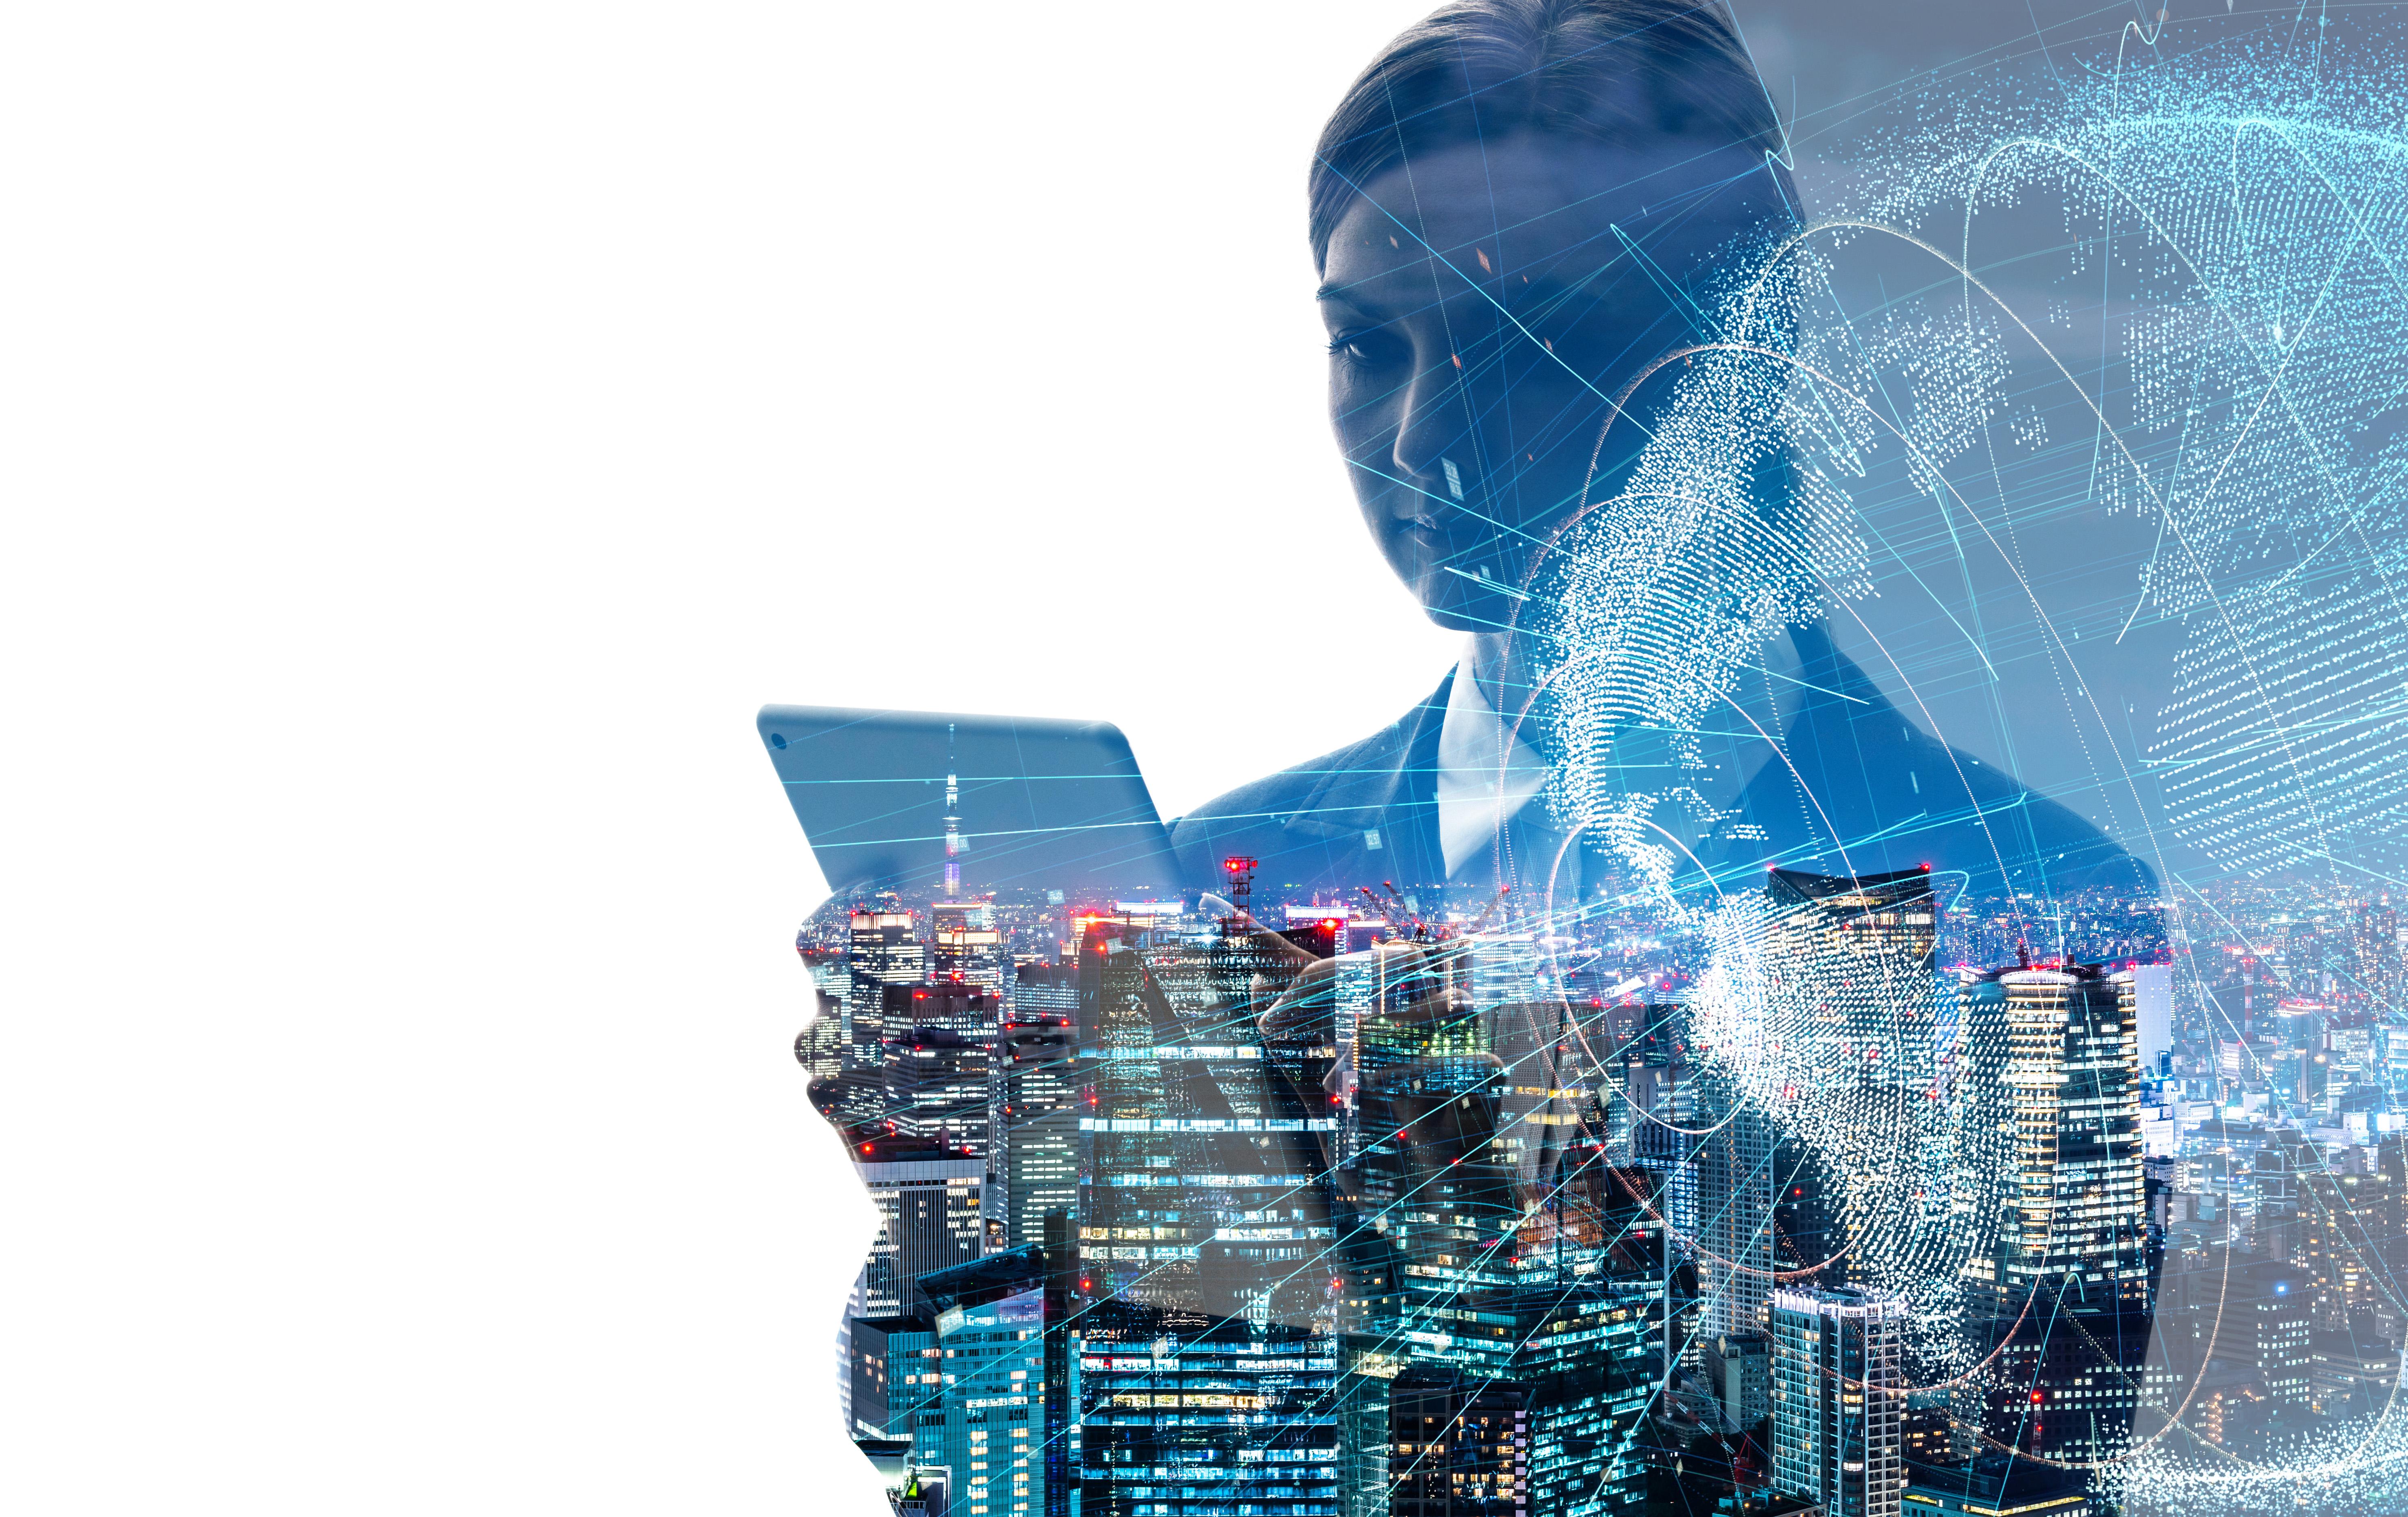 ¿Cómo aplicar la transformación digital en una empresa?